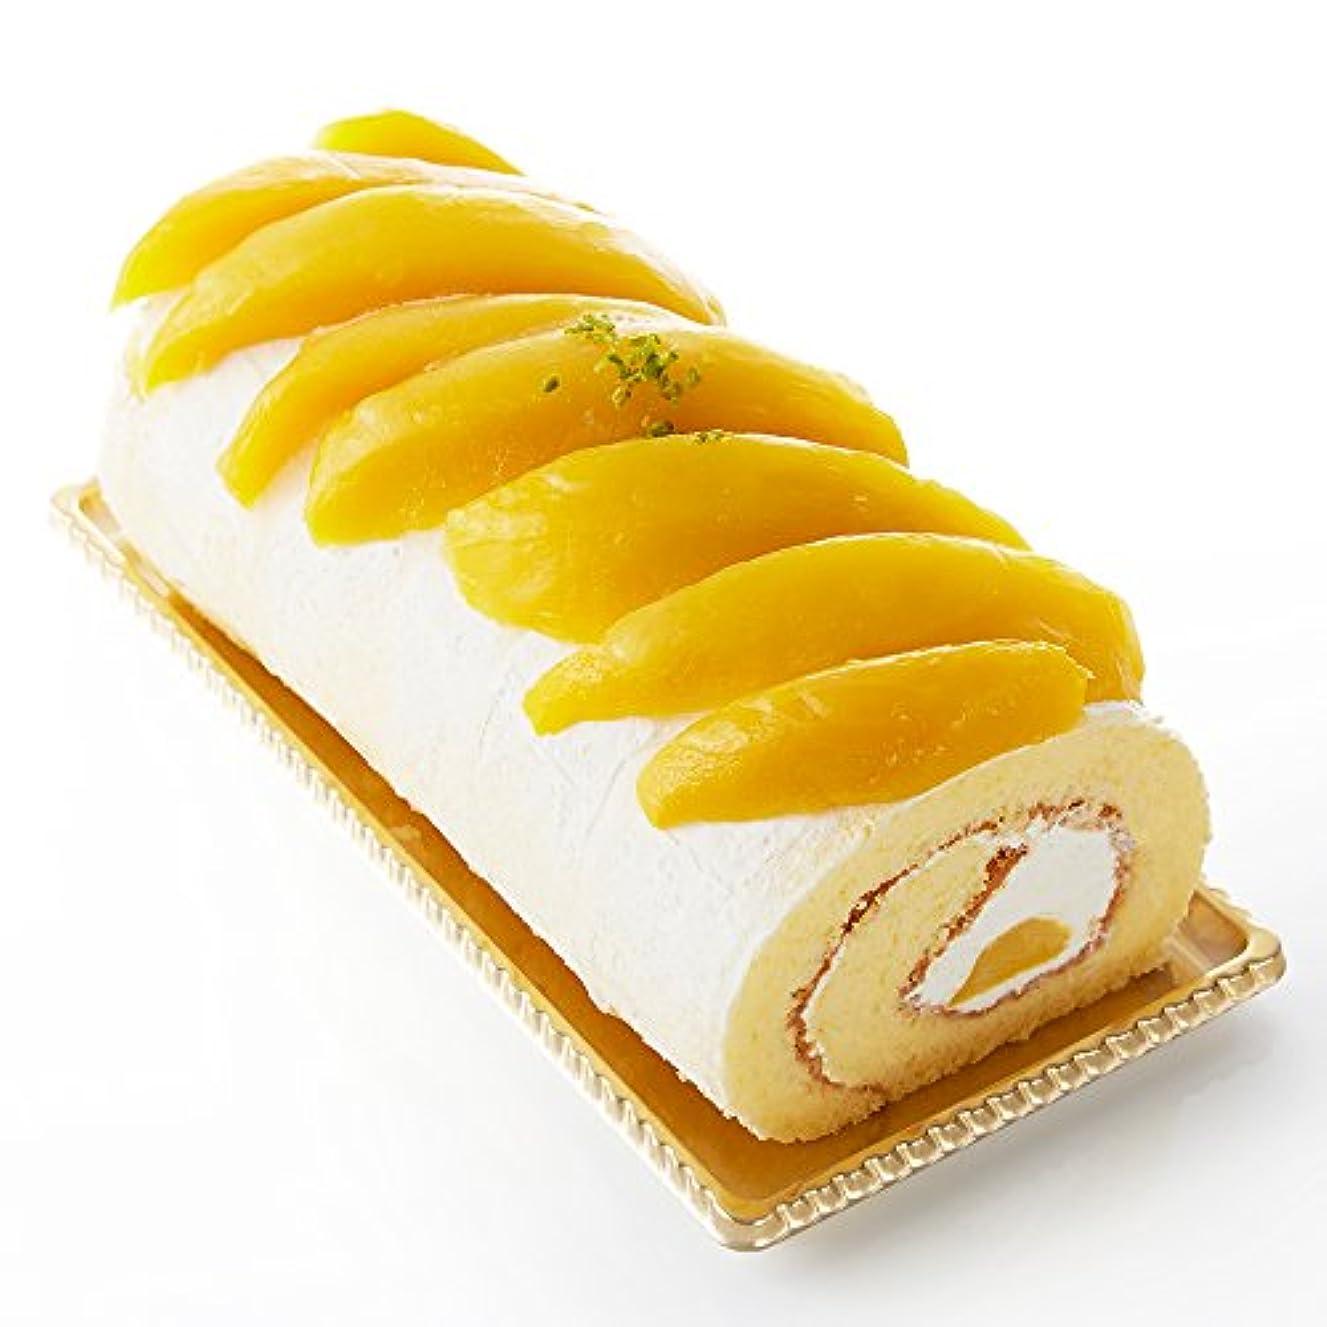 変化であるでる新宿高野 Fruity マンゴーロール フルーツケーキ [内祝い/手土産/ハロウィン] 洋菓子 スイーツギフト (600g×1個) #49108